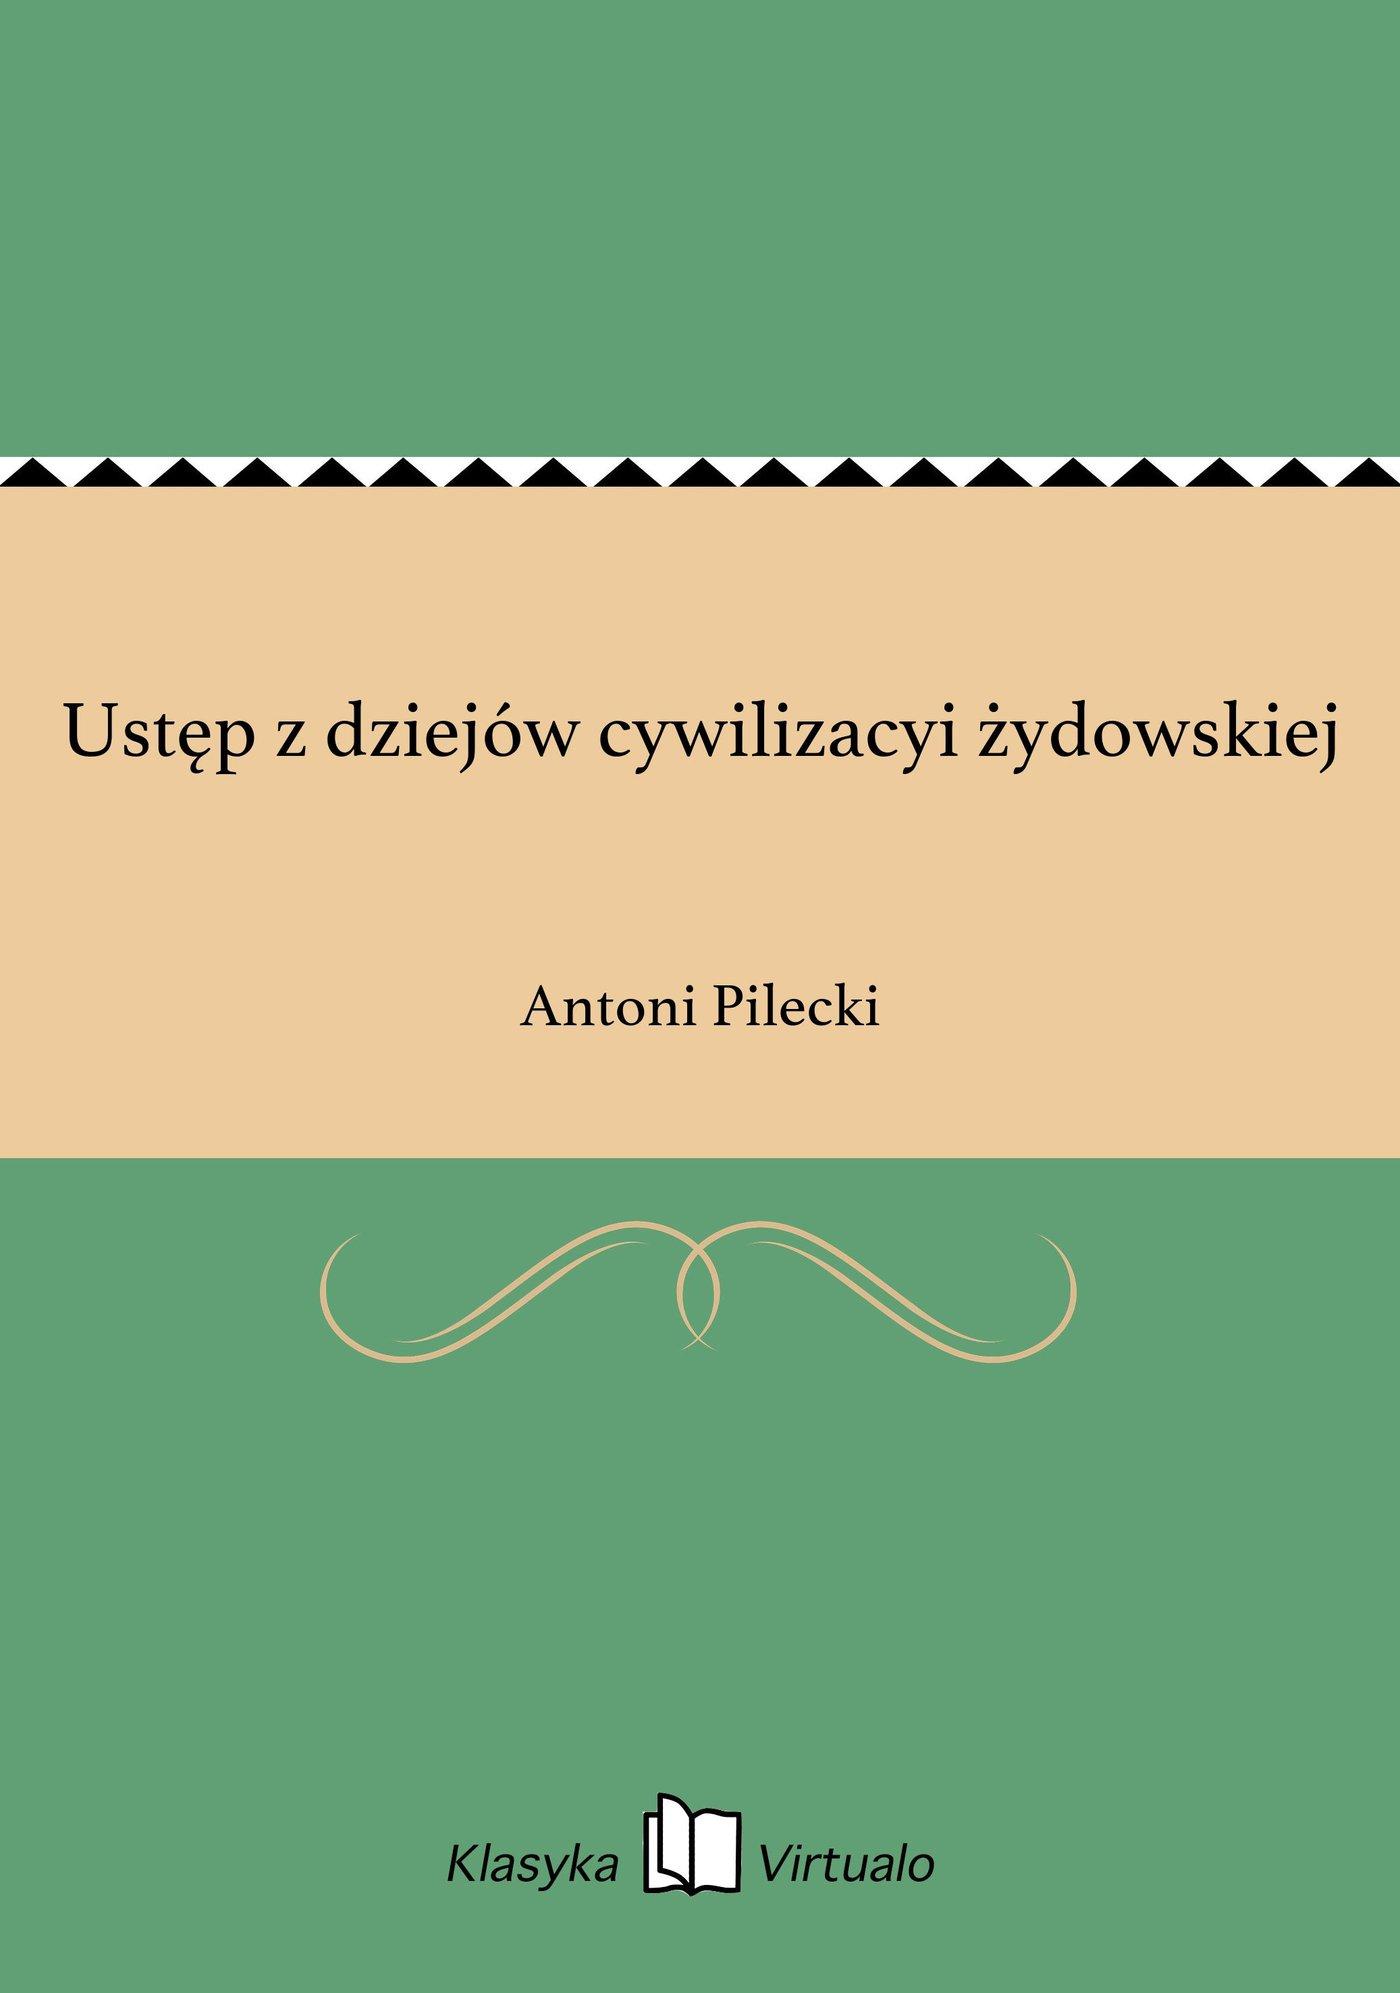 Ustęp z dziejów cywilizacyi żydowskiej - Ebook (Książka na Kindle) do pobrania w formacie MOBI